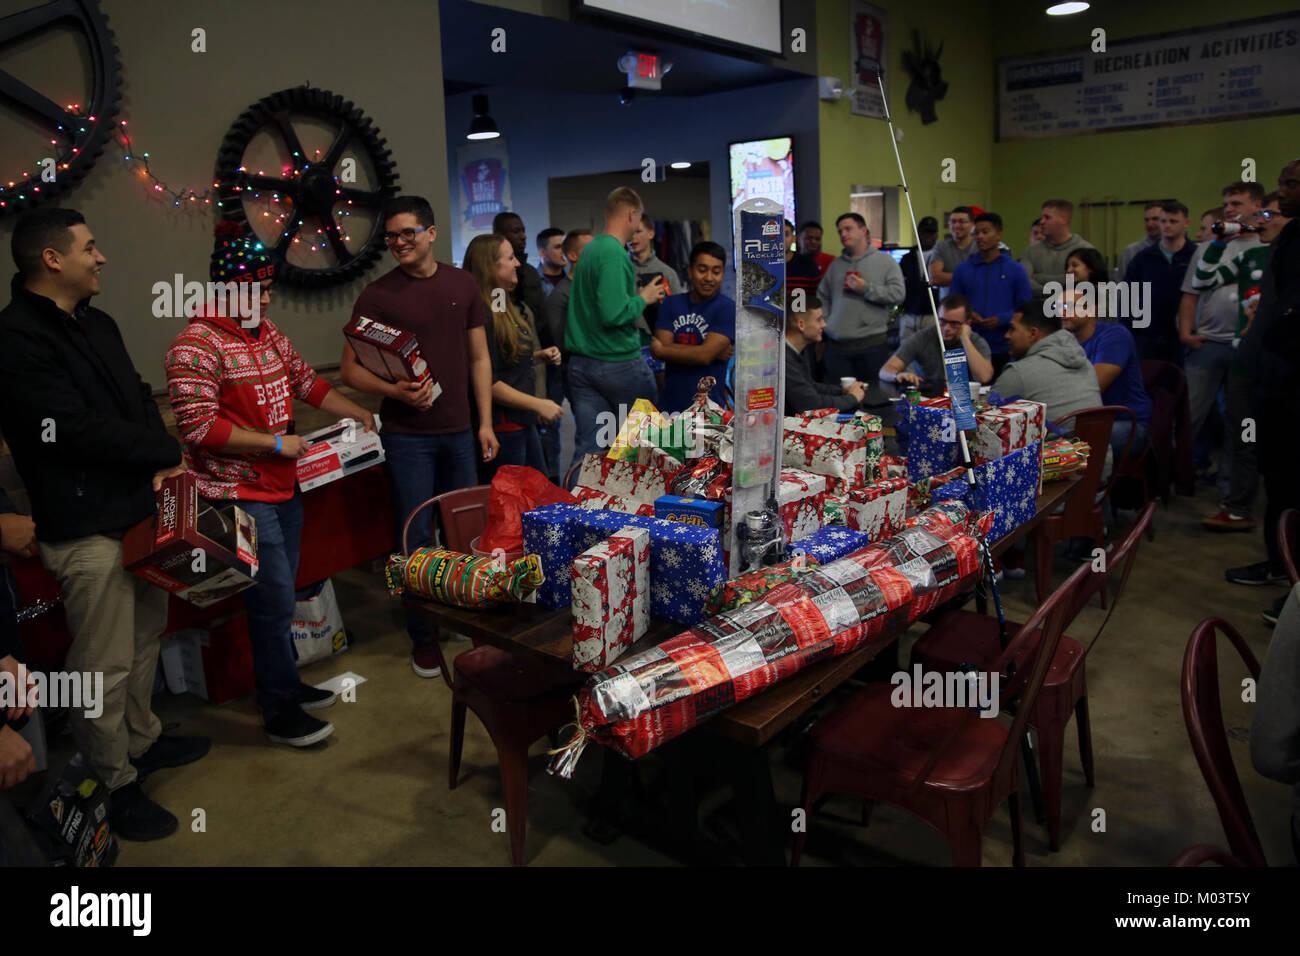 Movies And Christmas Stockfotos & Movies And Christmas Bilder - Alamy